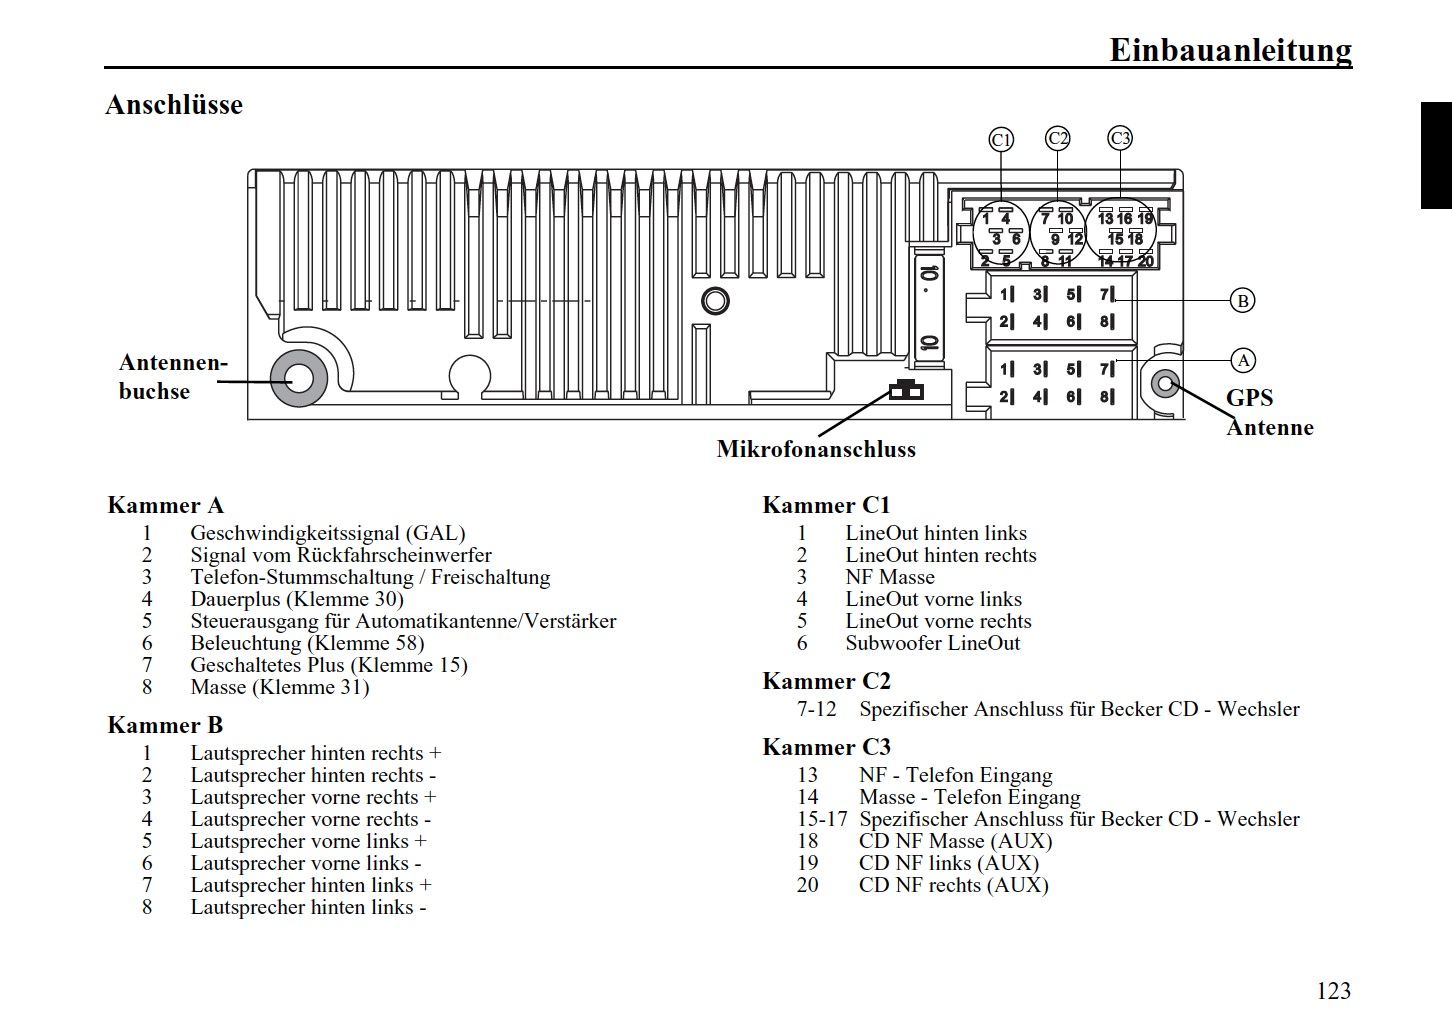 Großartig Soundsystem Schaltplan Bilder - Der Schaltplan ...